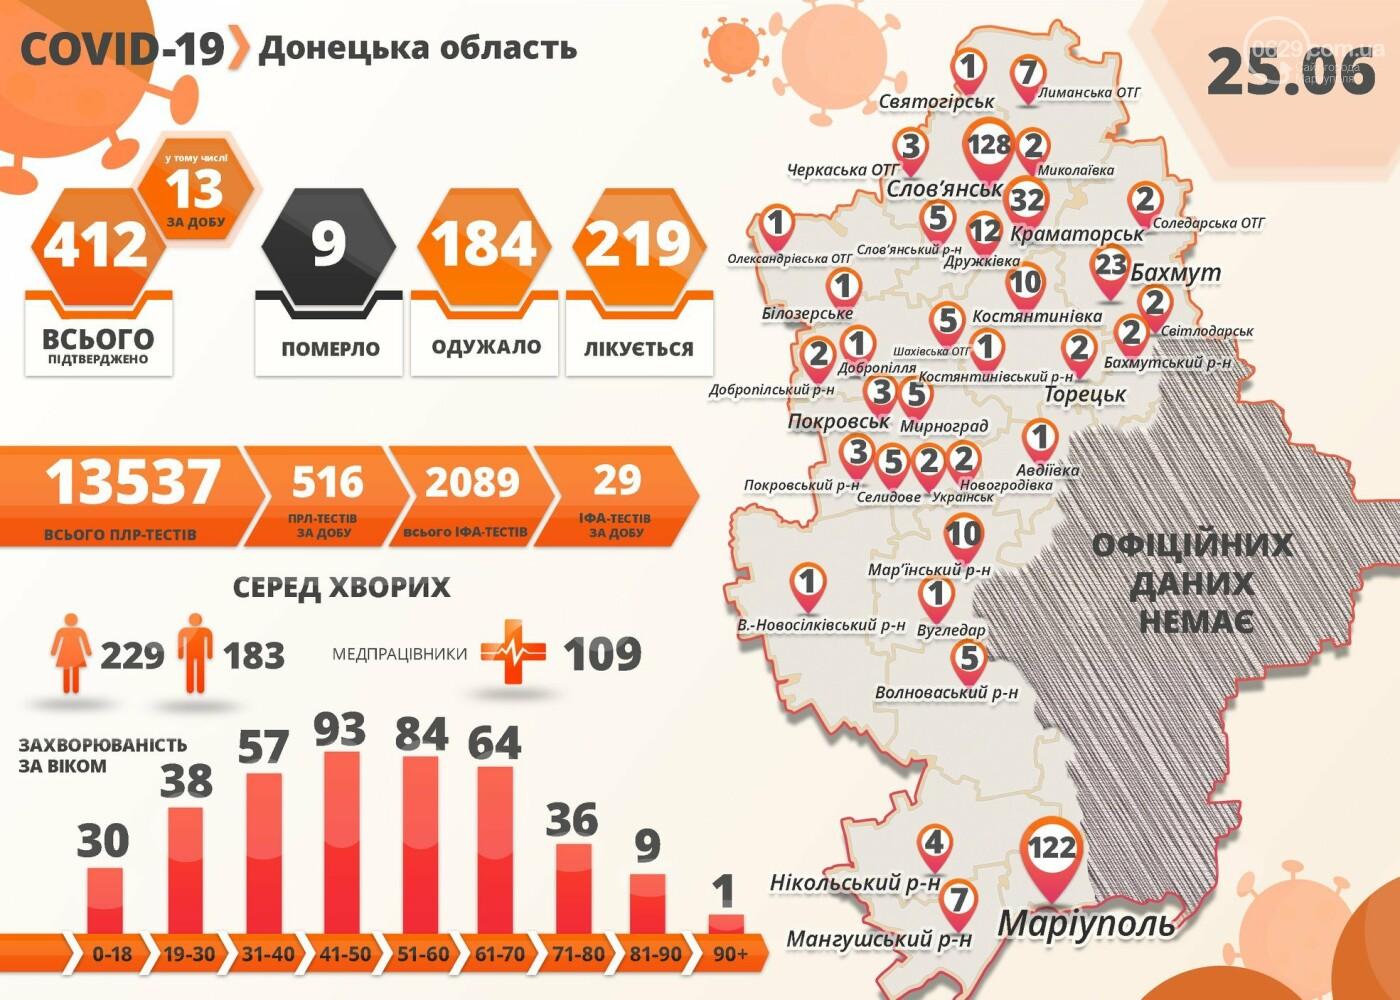 Больше 1100 новых случаев COVID-19 в Украине, два новых случая в Мариуполе и смерть пациентки в Славянске. Коронавирус наступает, фото-1